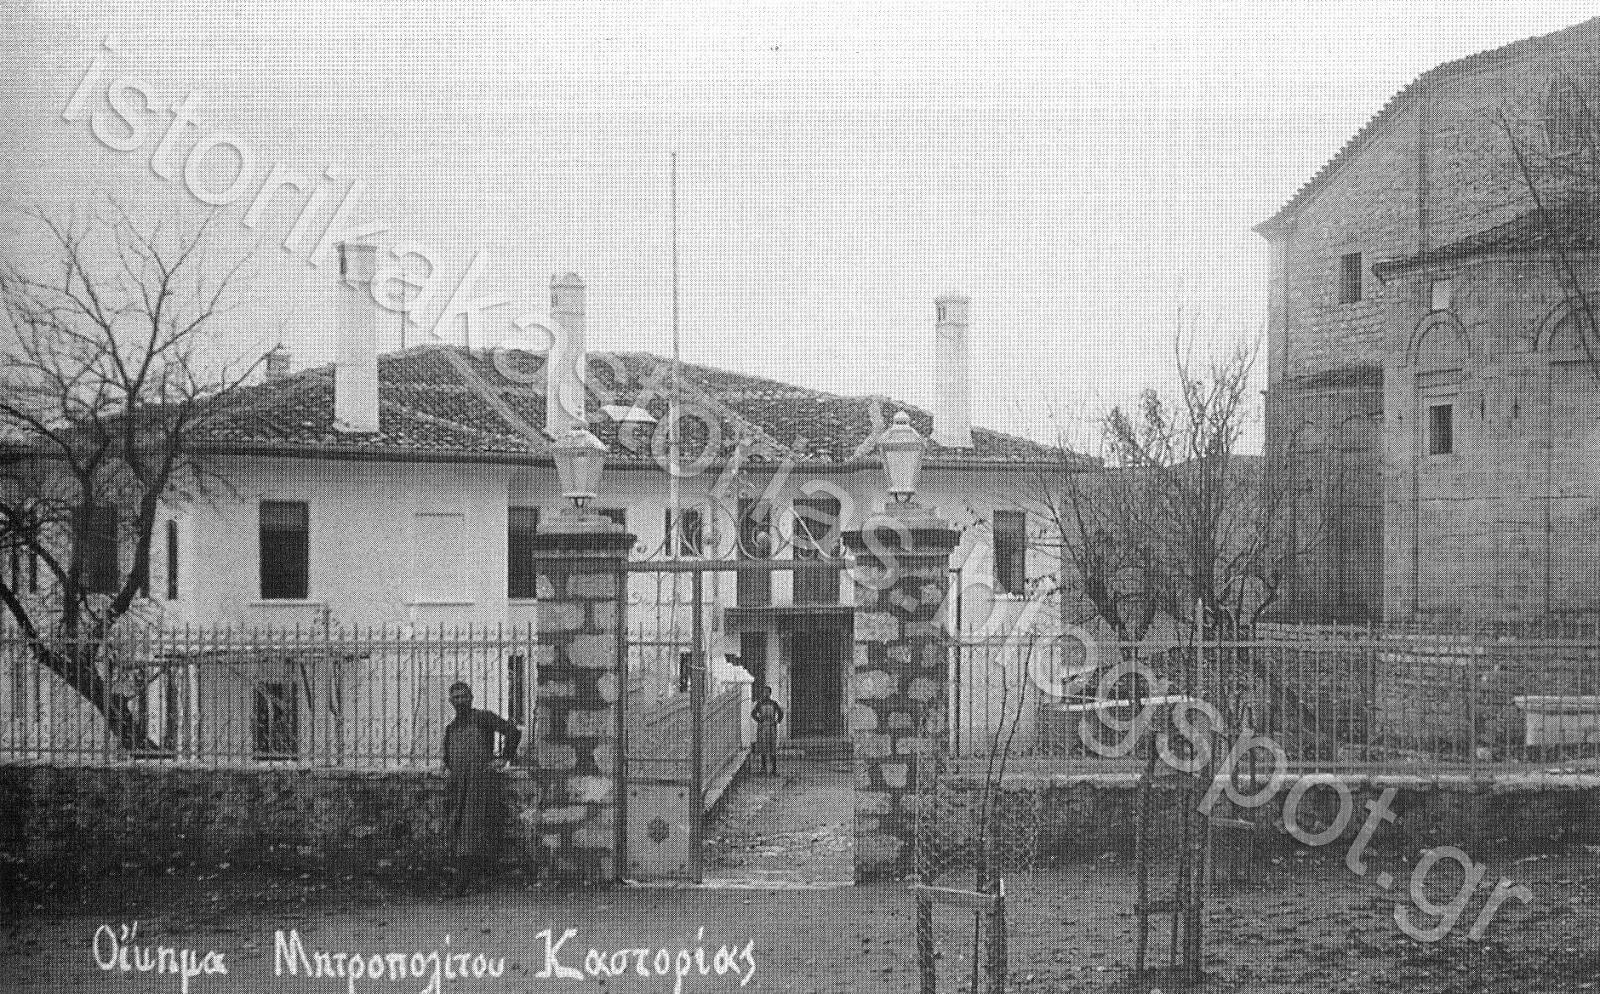 Βαλκανικοί Πόλεμοι - 100 χρόνια ελεύθερη Καστοριά (φωτό 09)